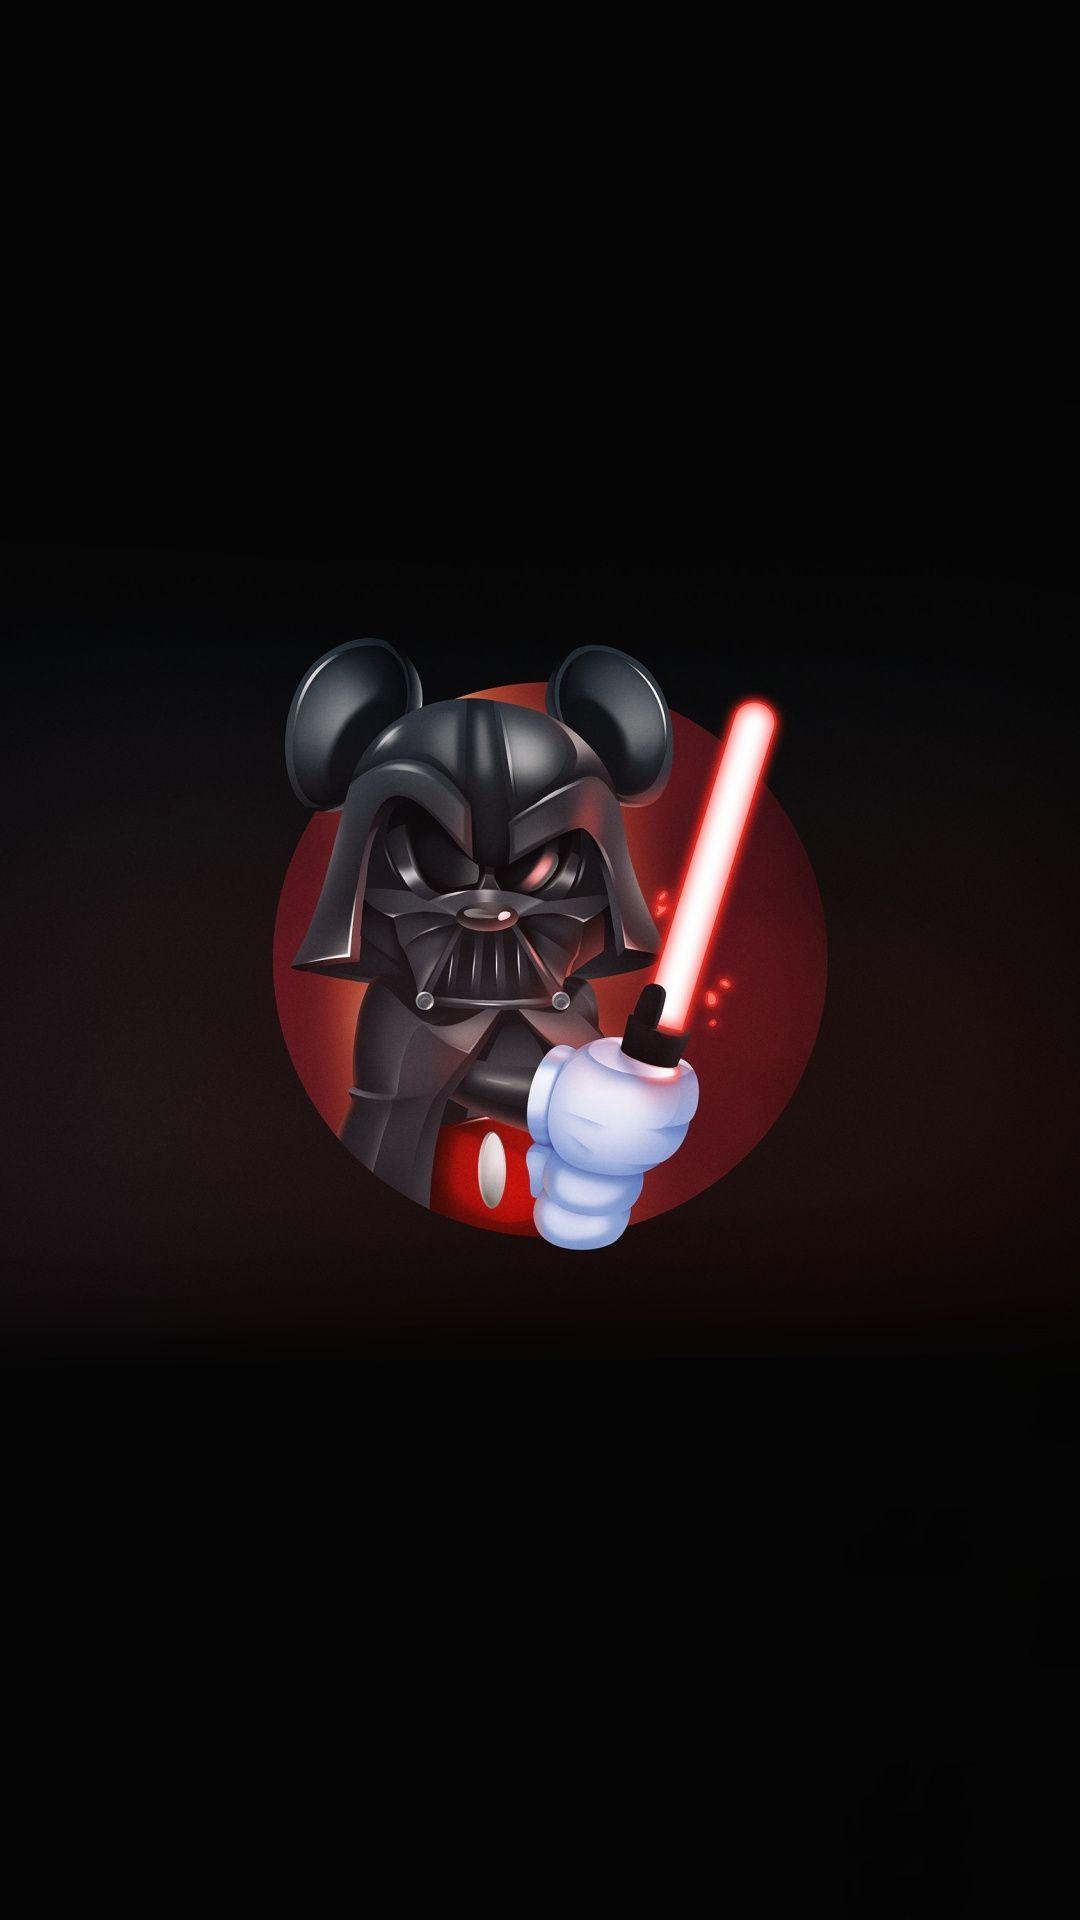 Micky Mouse Darth Vader Star Wars Minimal Art 1080x1920